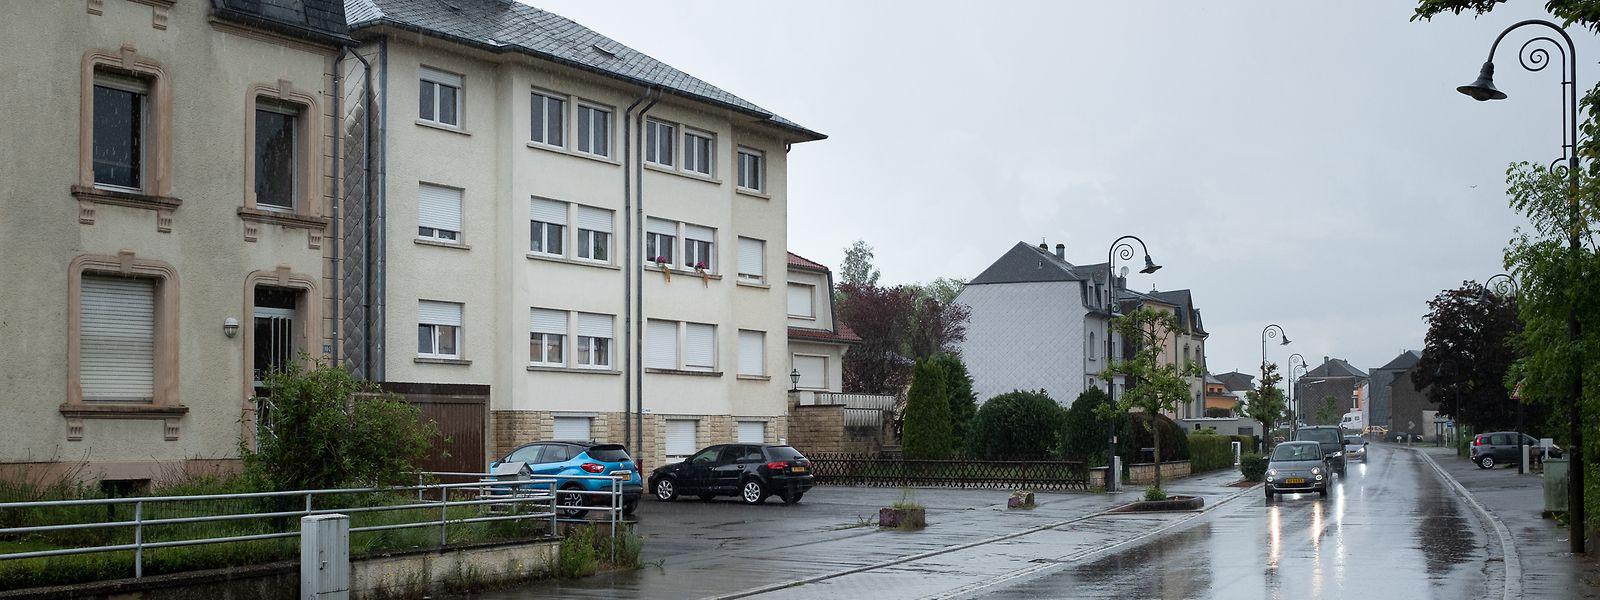 Ende 2019 eskaliert eine Feier unter Jugendlichen in einem Mehrfamilienhaus in Linger nach einem harmlosen Scherz.